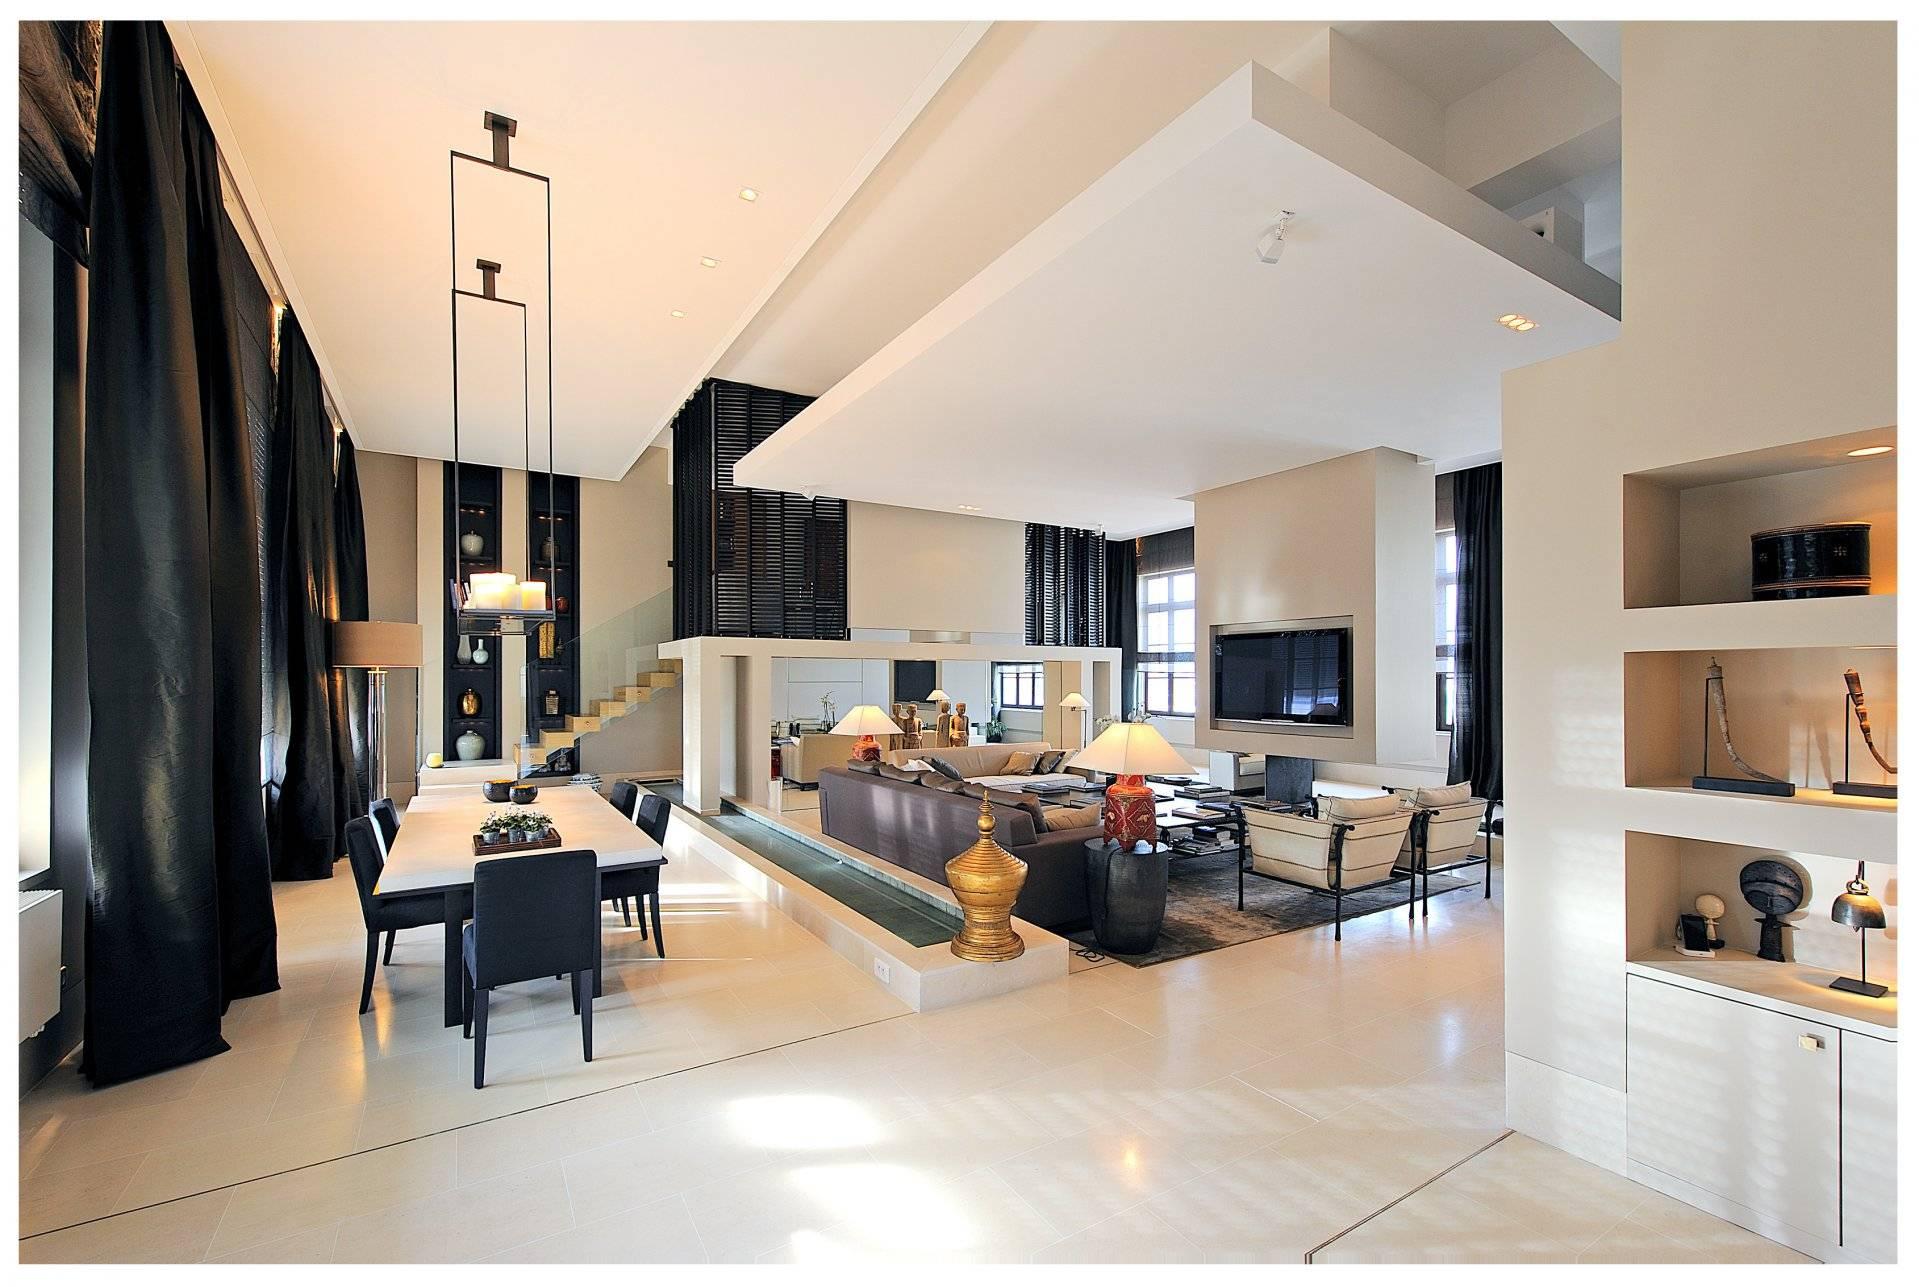 Vente appartements de standing bordeaux coldwell banker for Location appartement bordeaux et ses environs